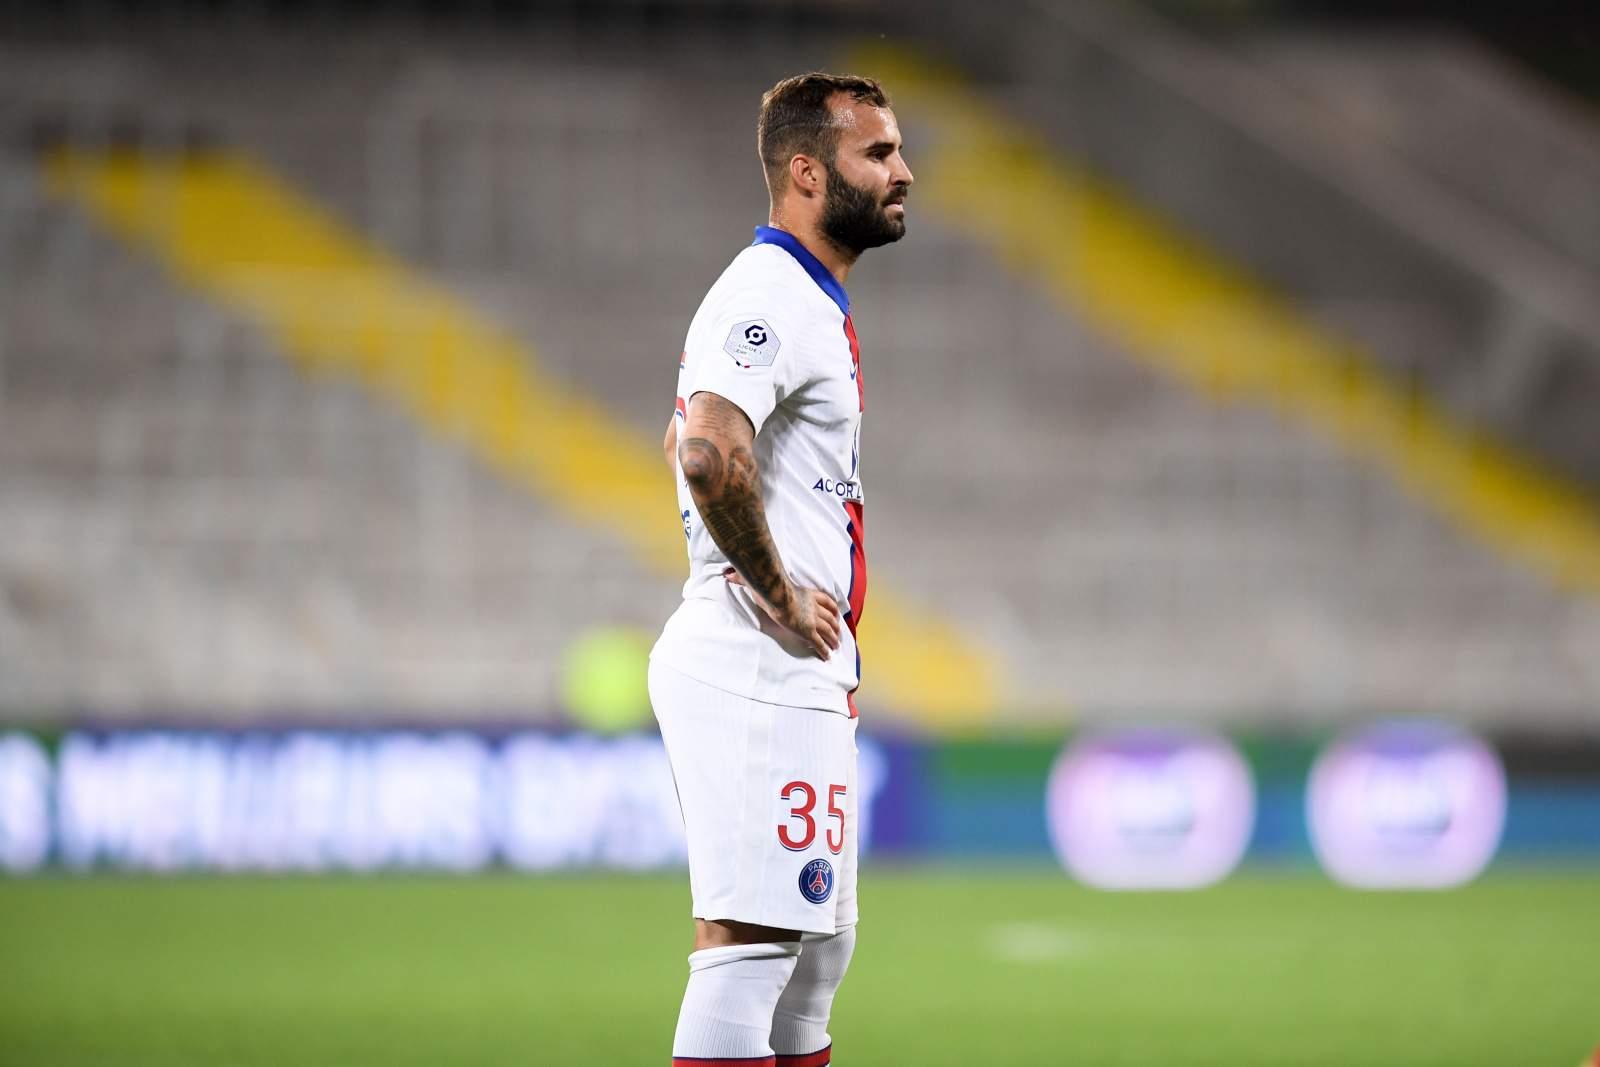 Хесе может перейти в «Фенербахче», недавно он расторг контракт с «ПСЖ»